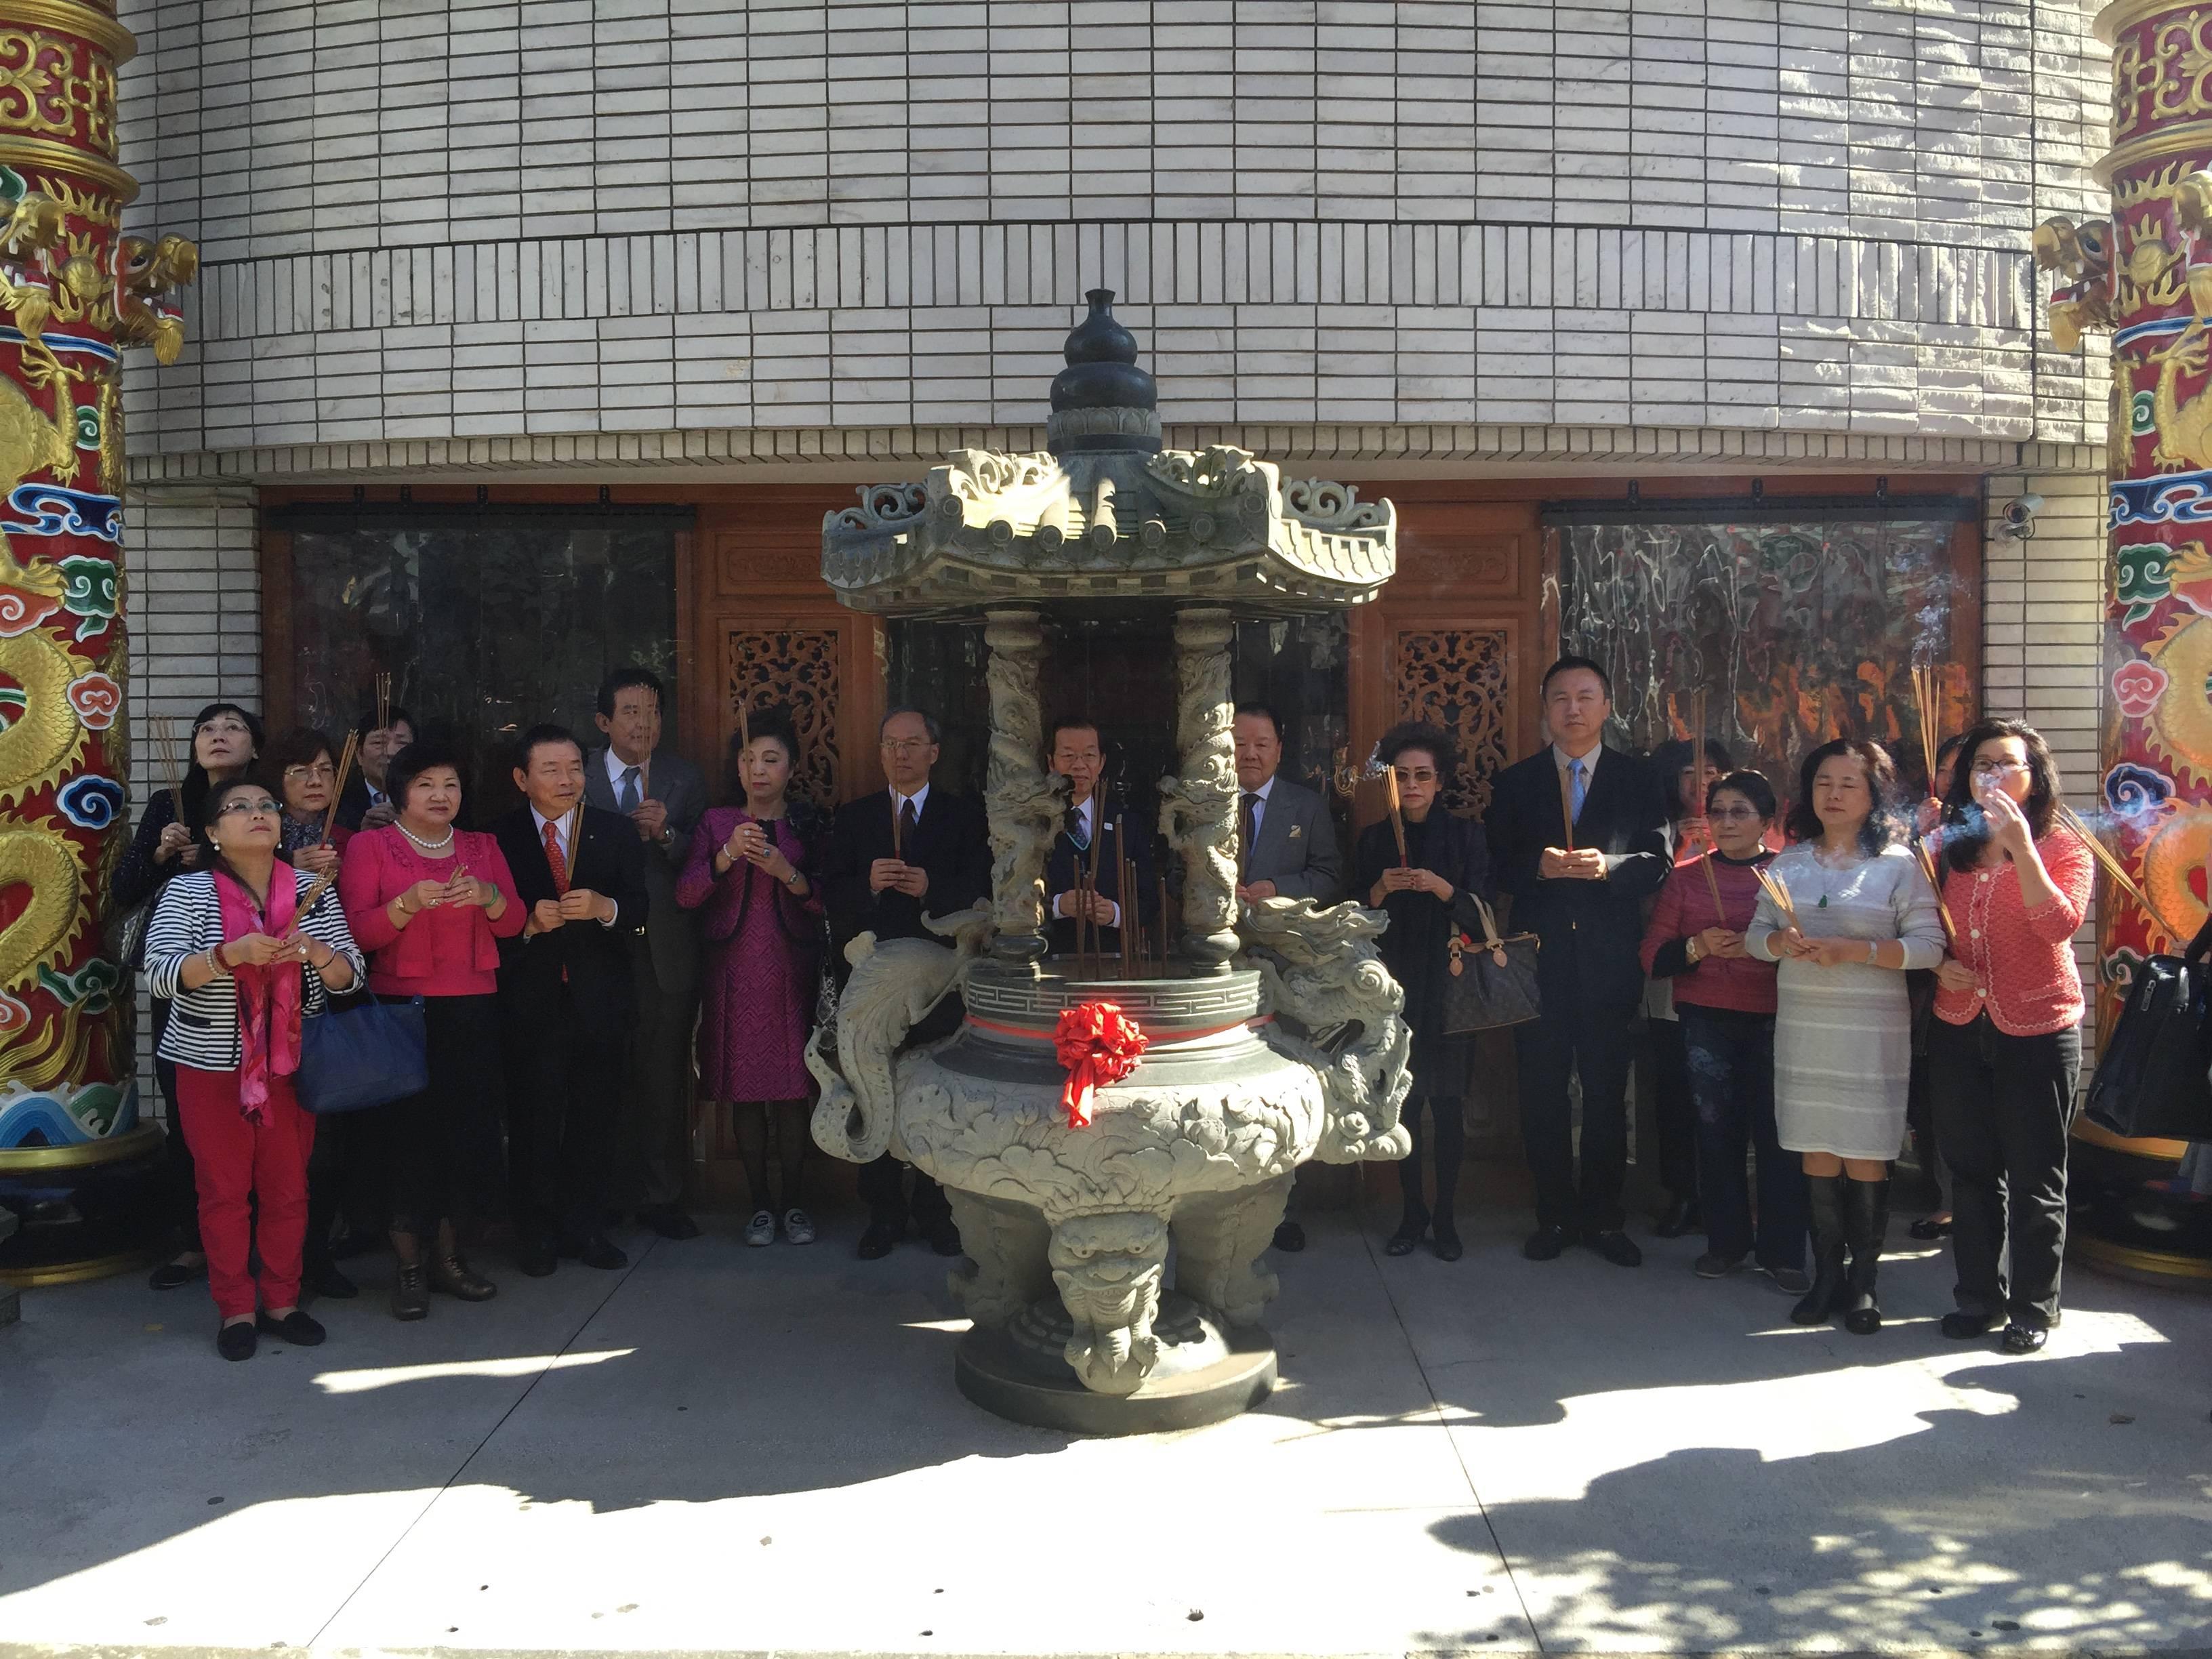 謝長廷 吳新興 訪東京媽祖廟 感佩僑界傳承媽祖文化